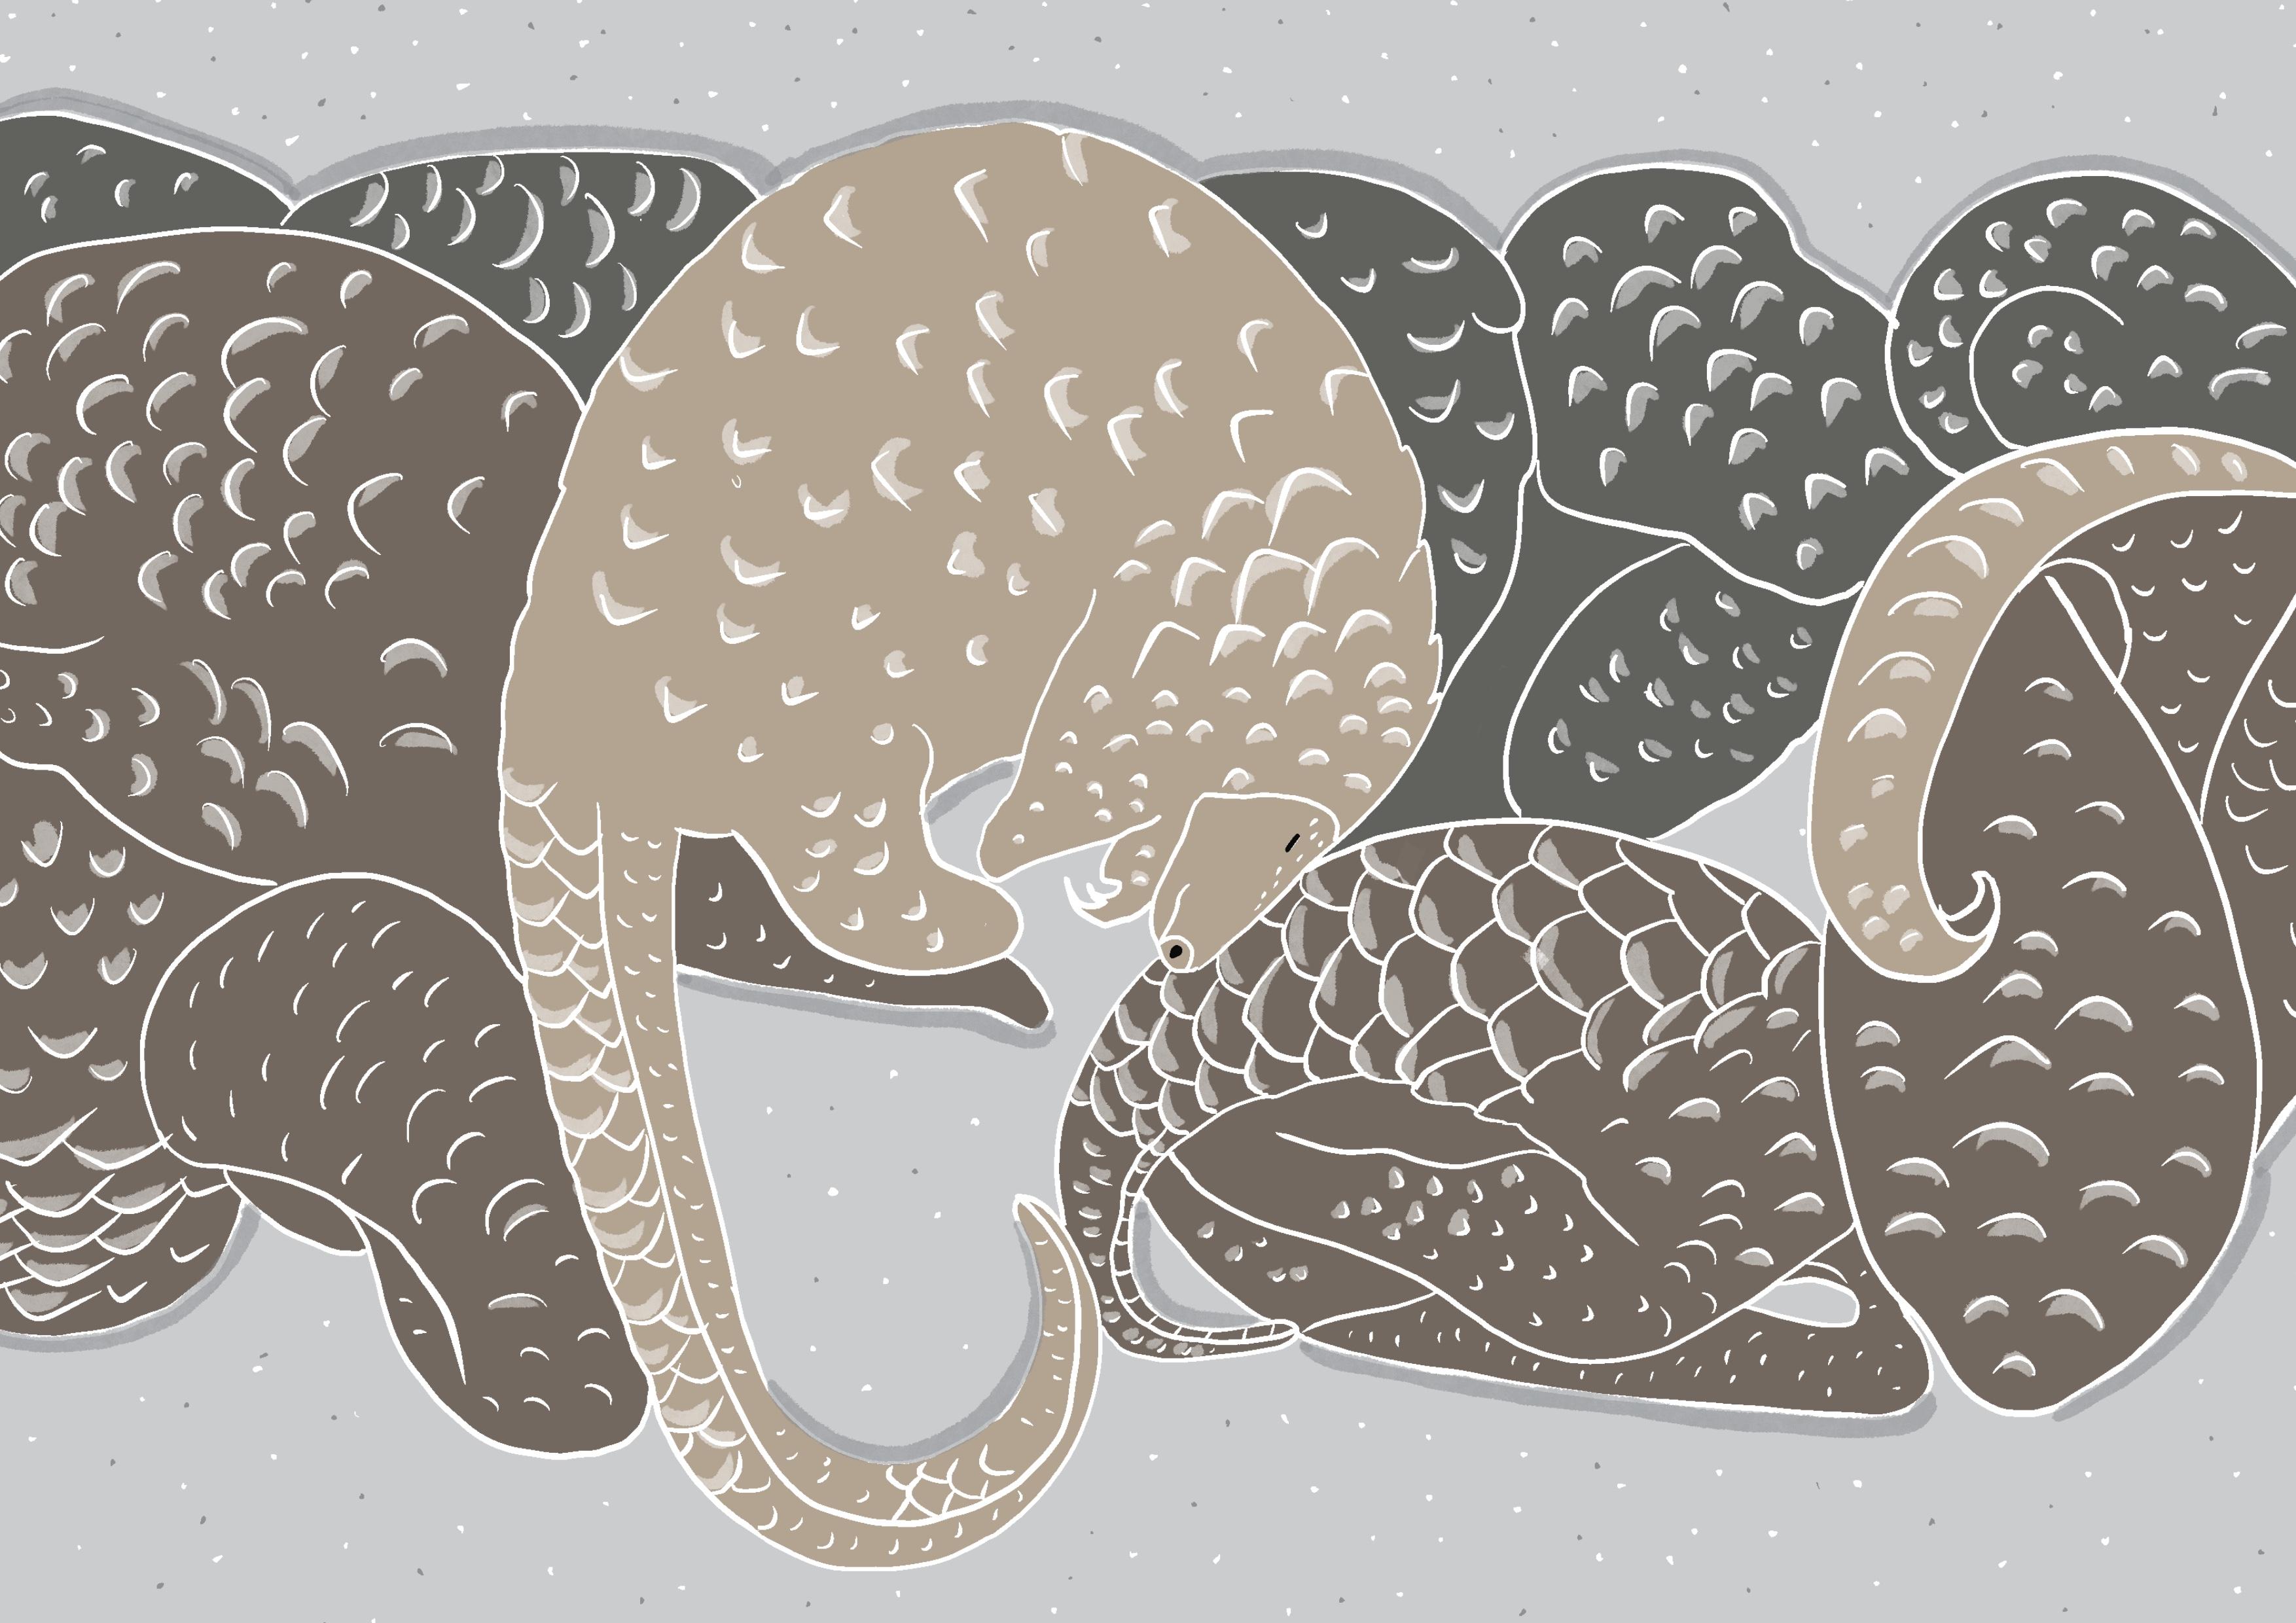 Pangolino congelati in un frigo by Virginia Elena Patrone